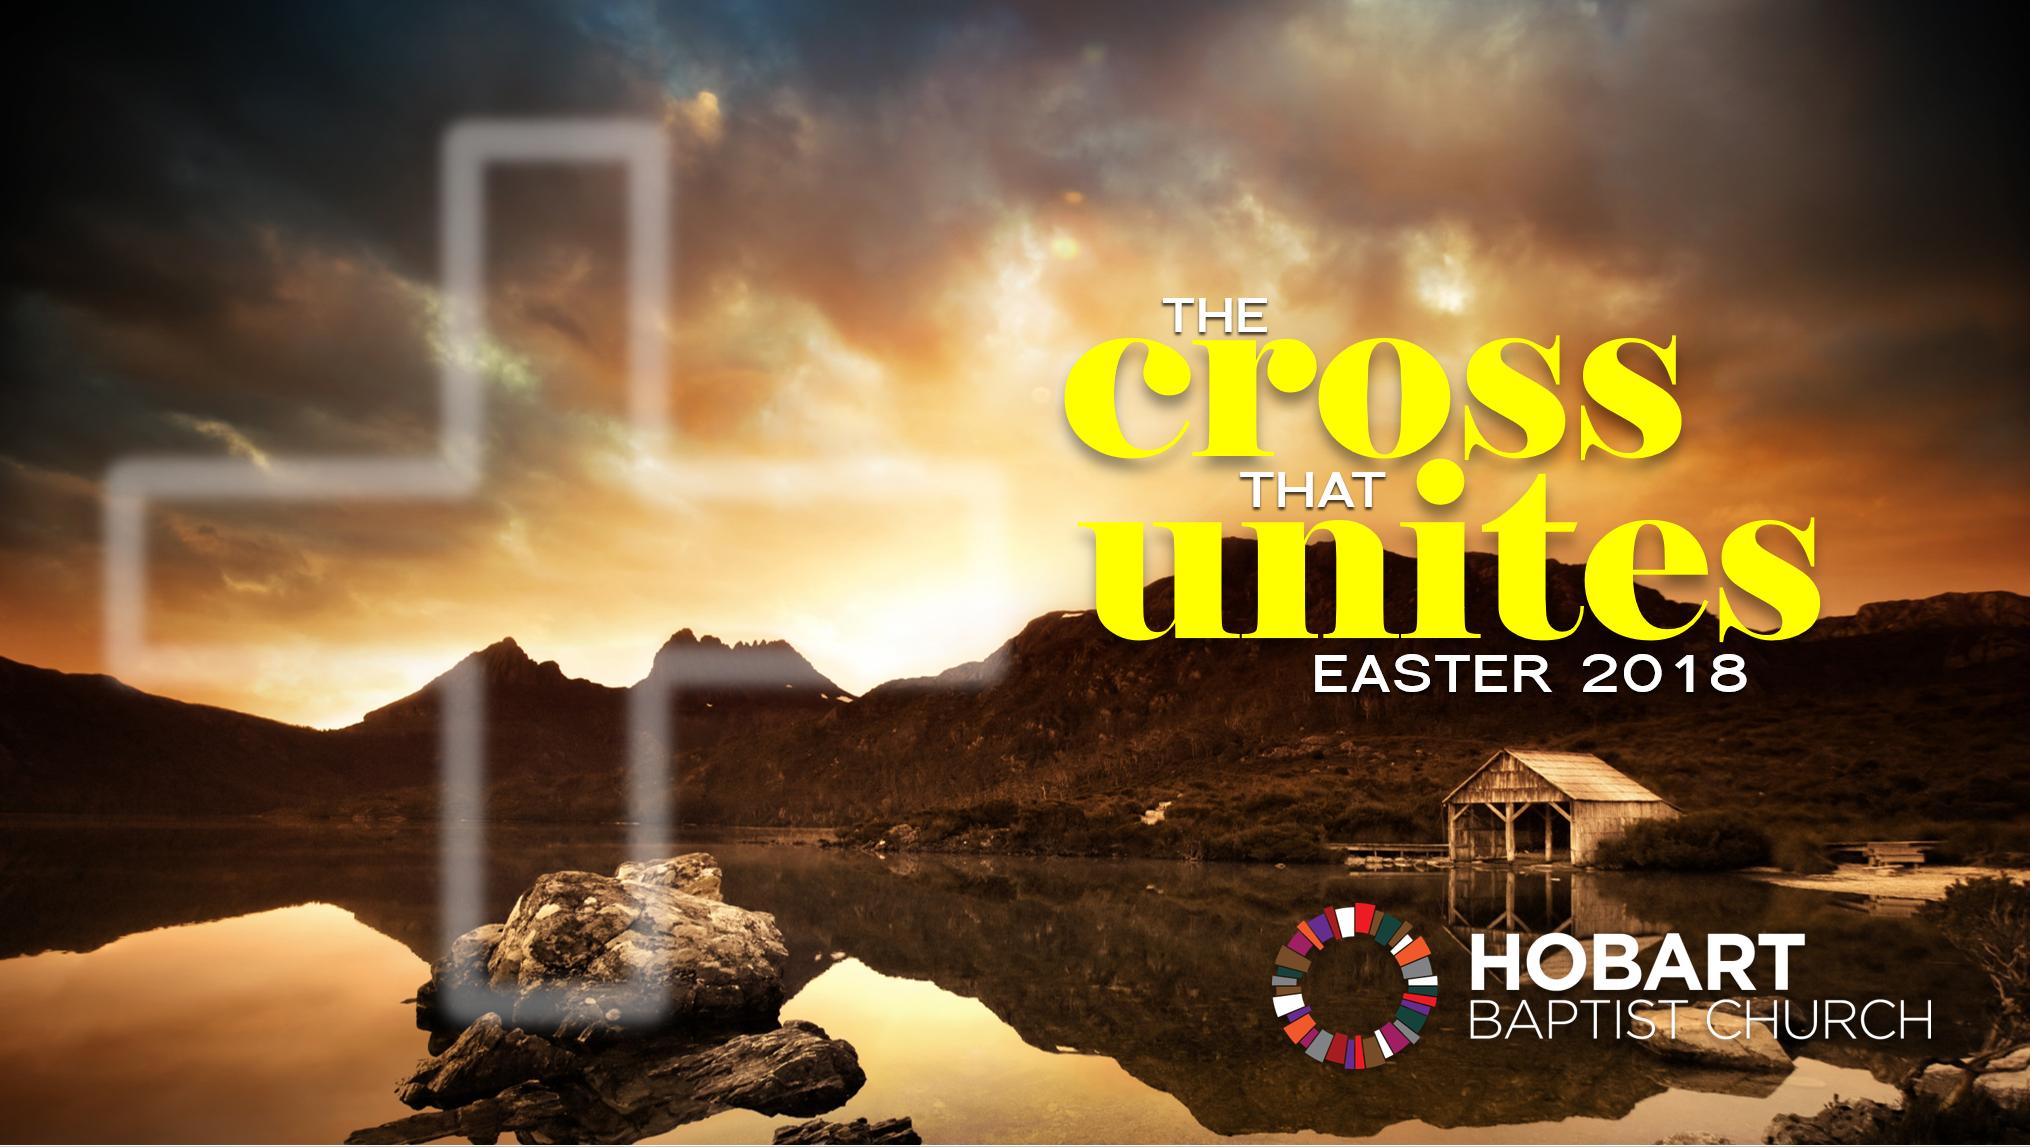 The Cross the Unites